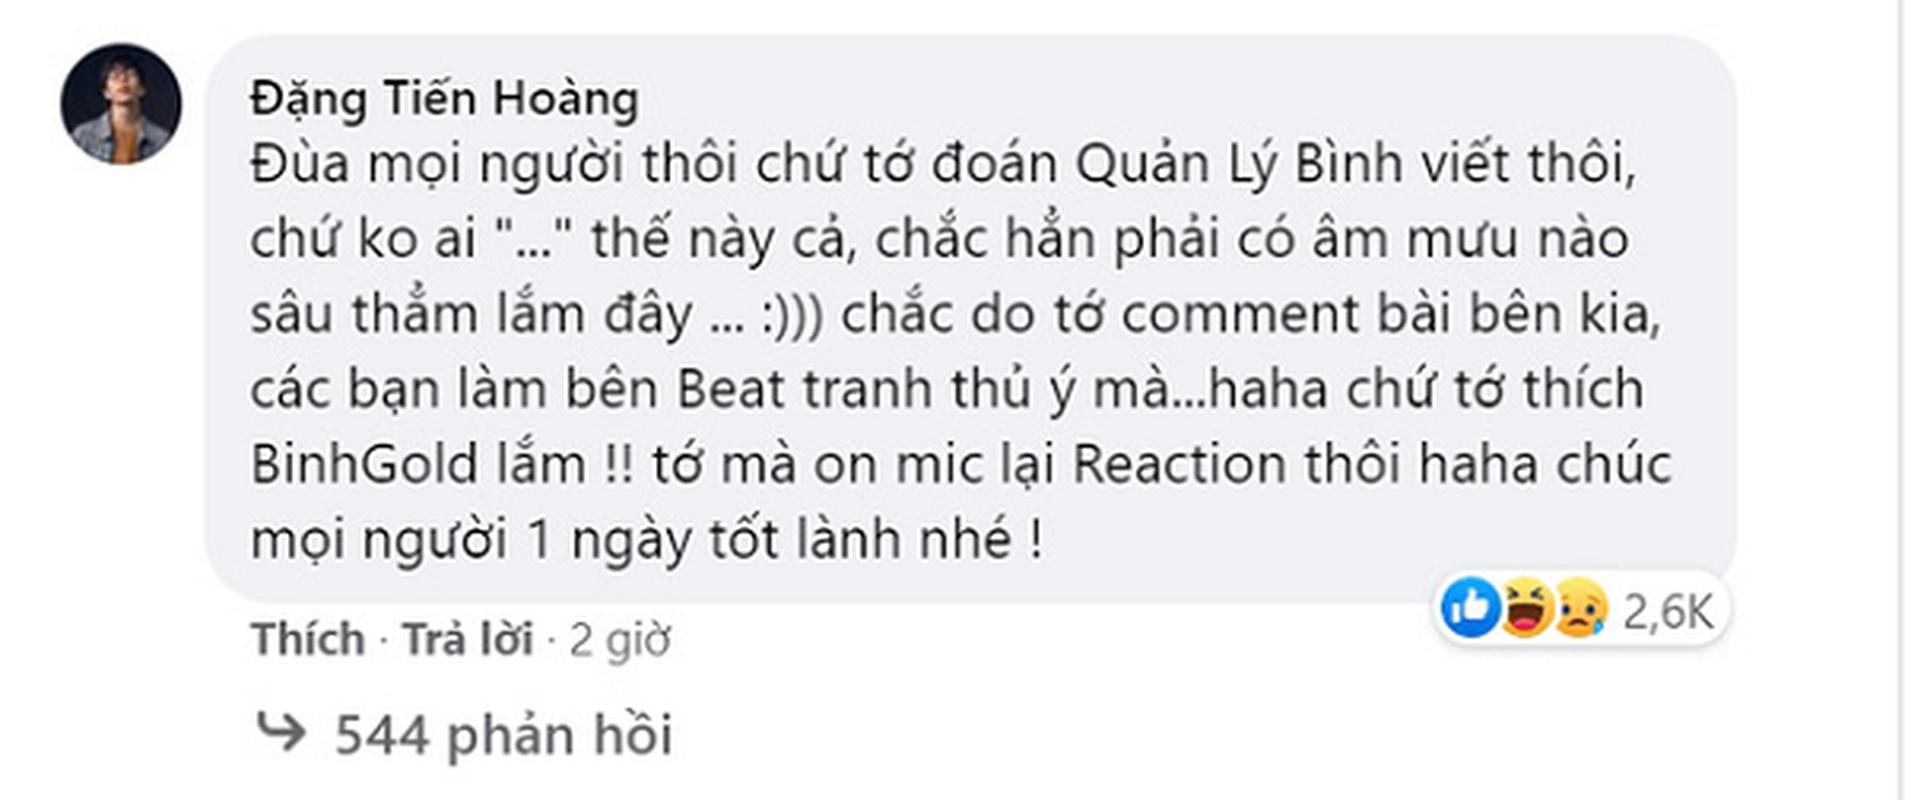 """Het drama voi Binh Gold, ViruSs lai bi """"hoi chi em"""" gay su thang-Hinh-5"""